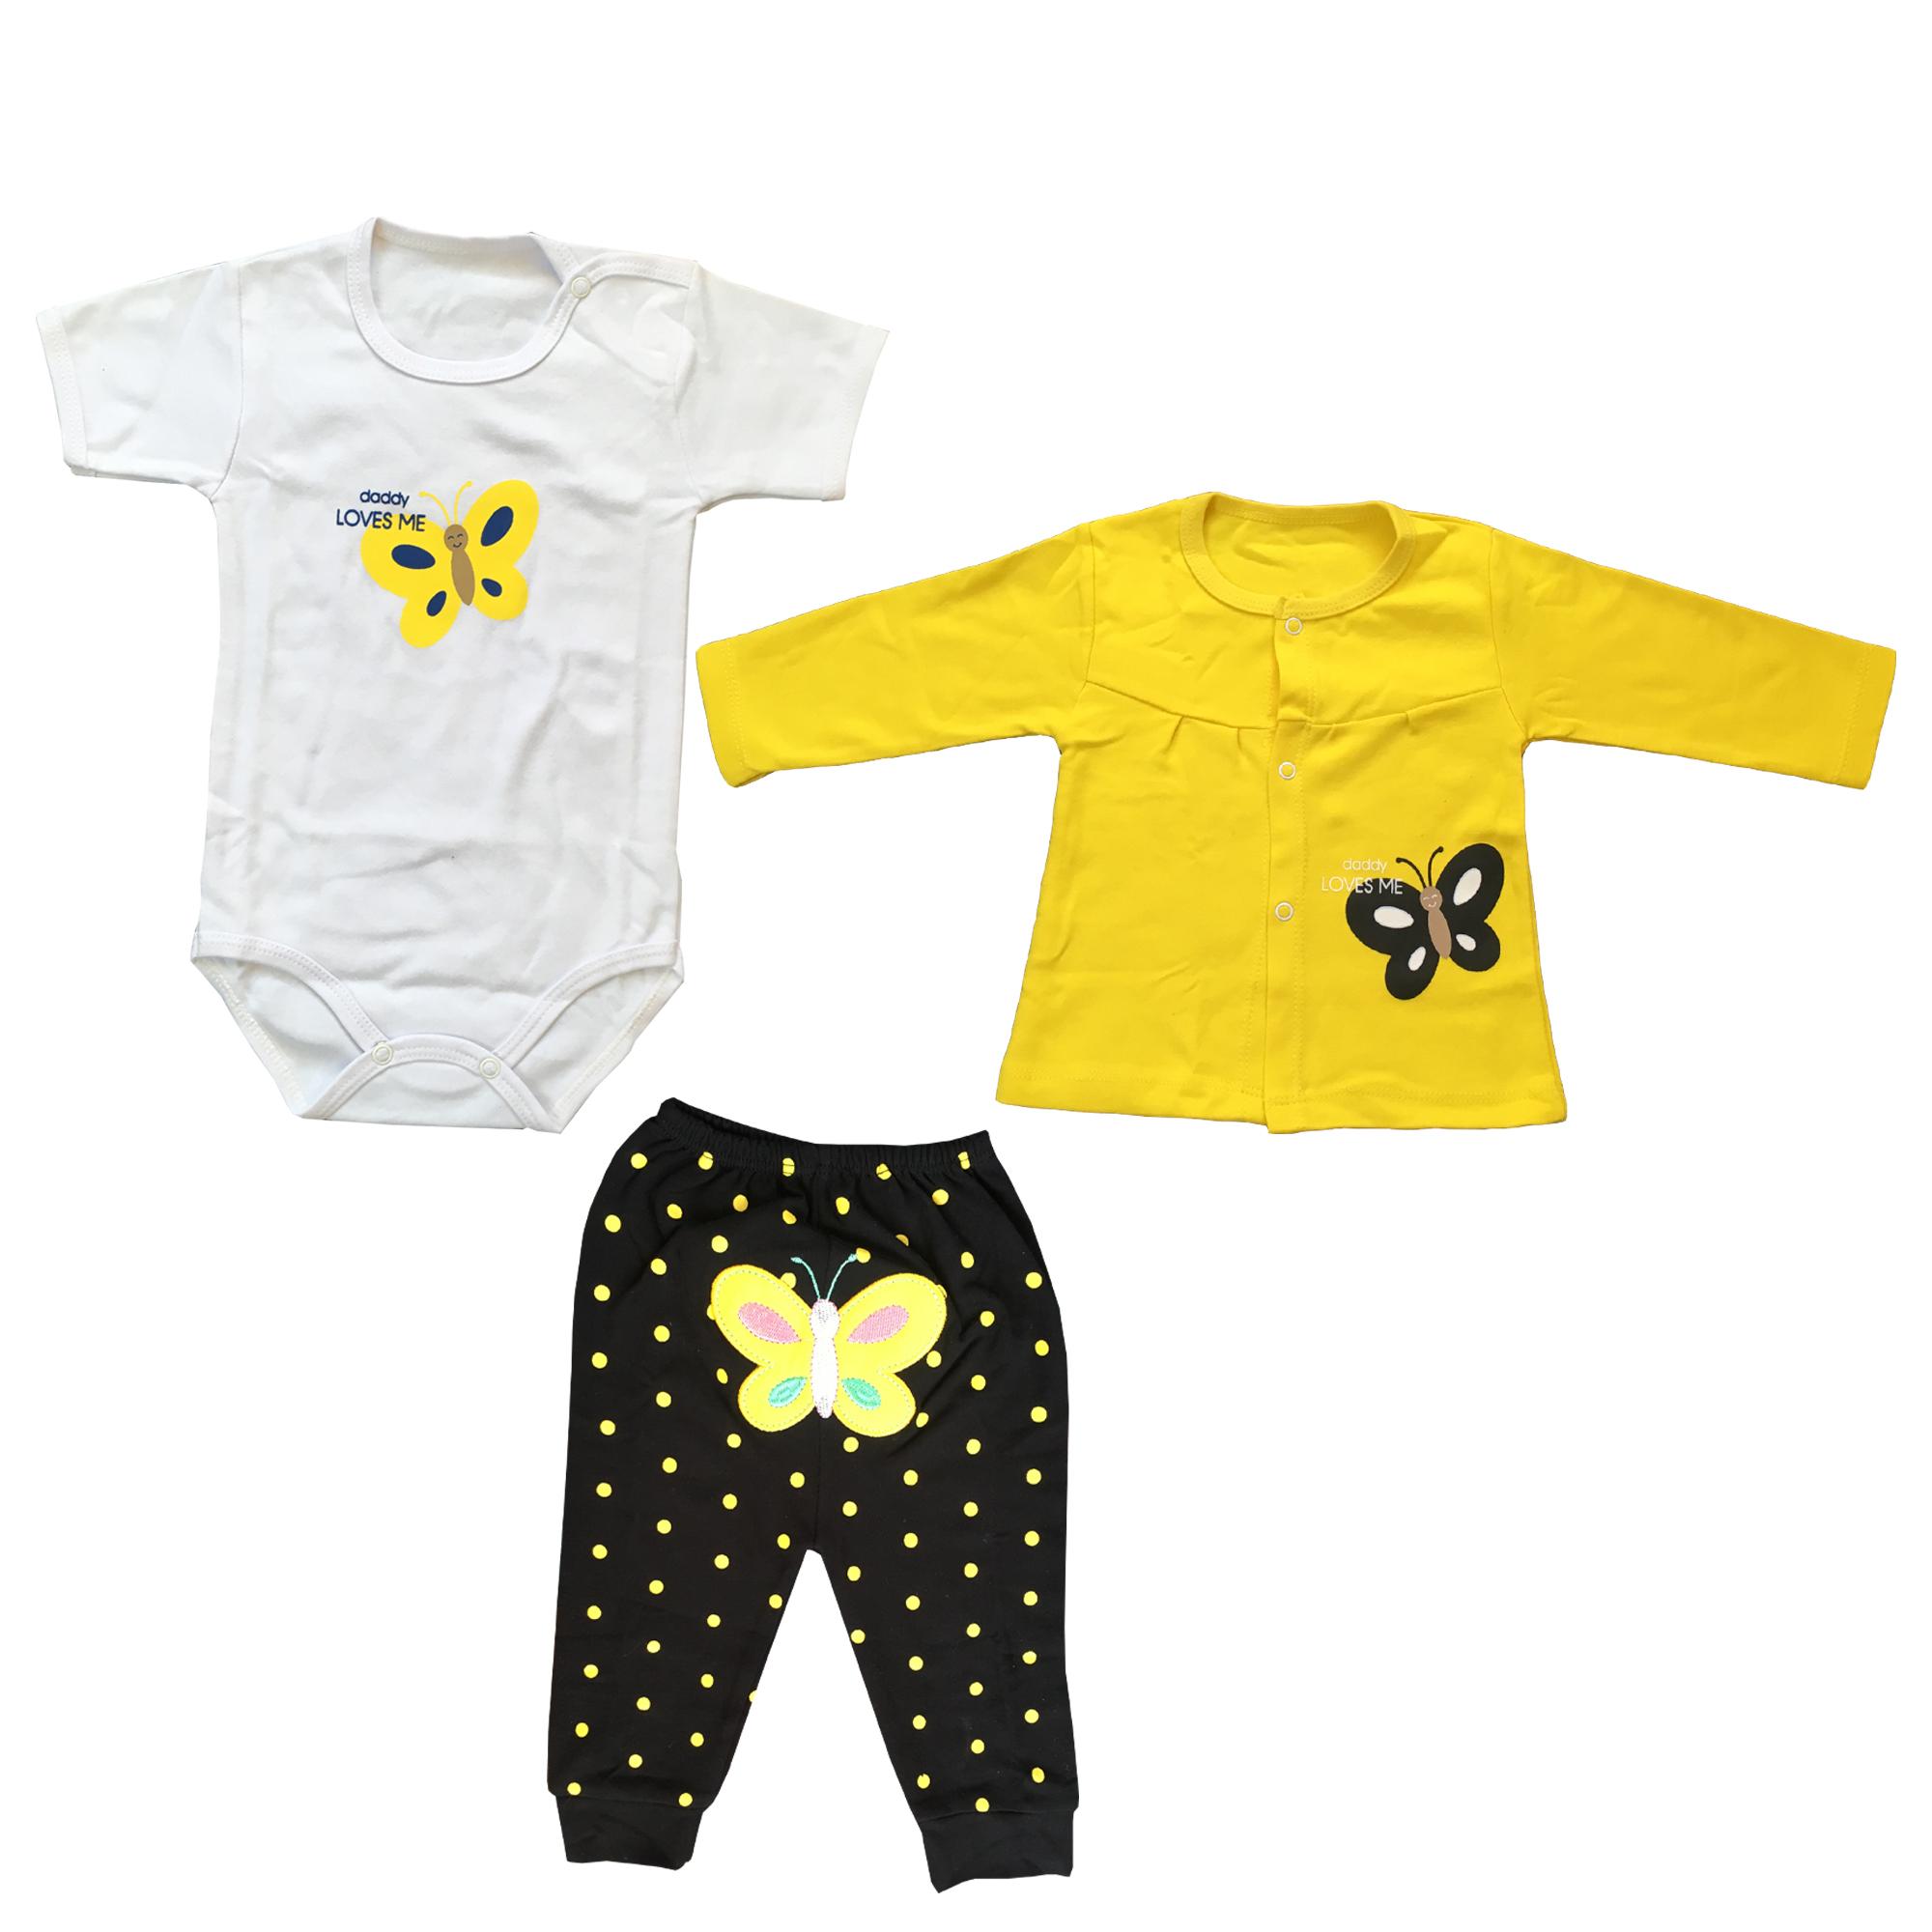 ست ۳ تکه لباس نوزادی دخترانه مدل butterfly